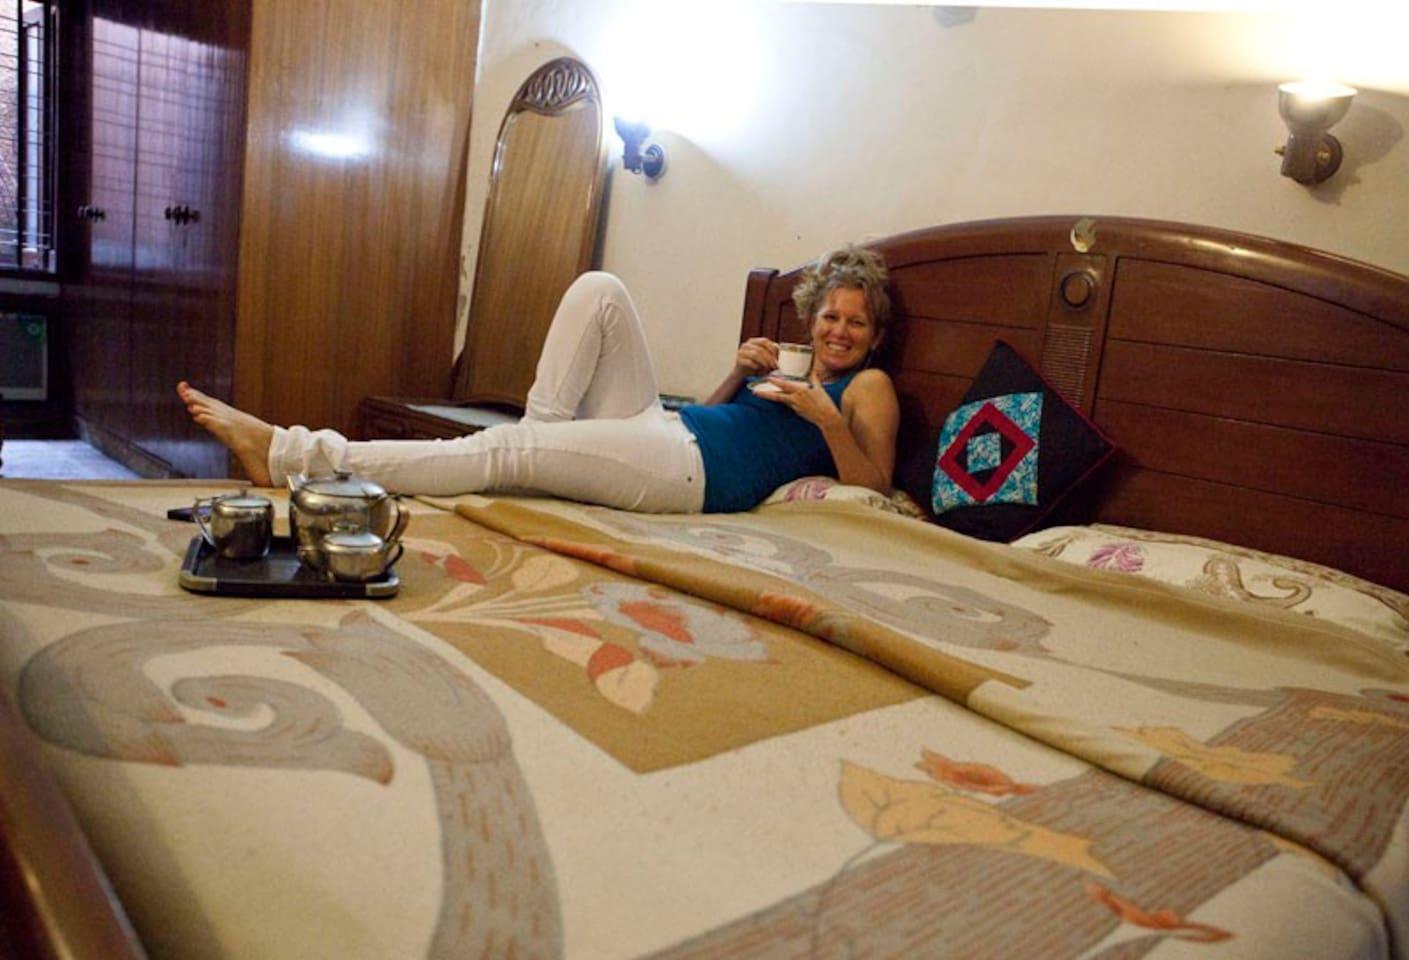 Enjoying Tea On bed